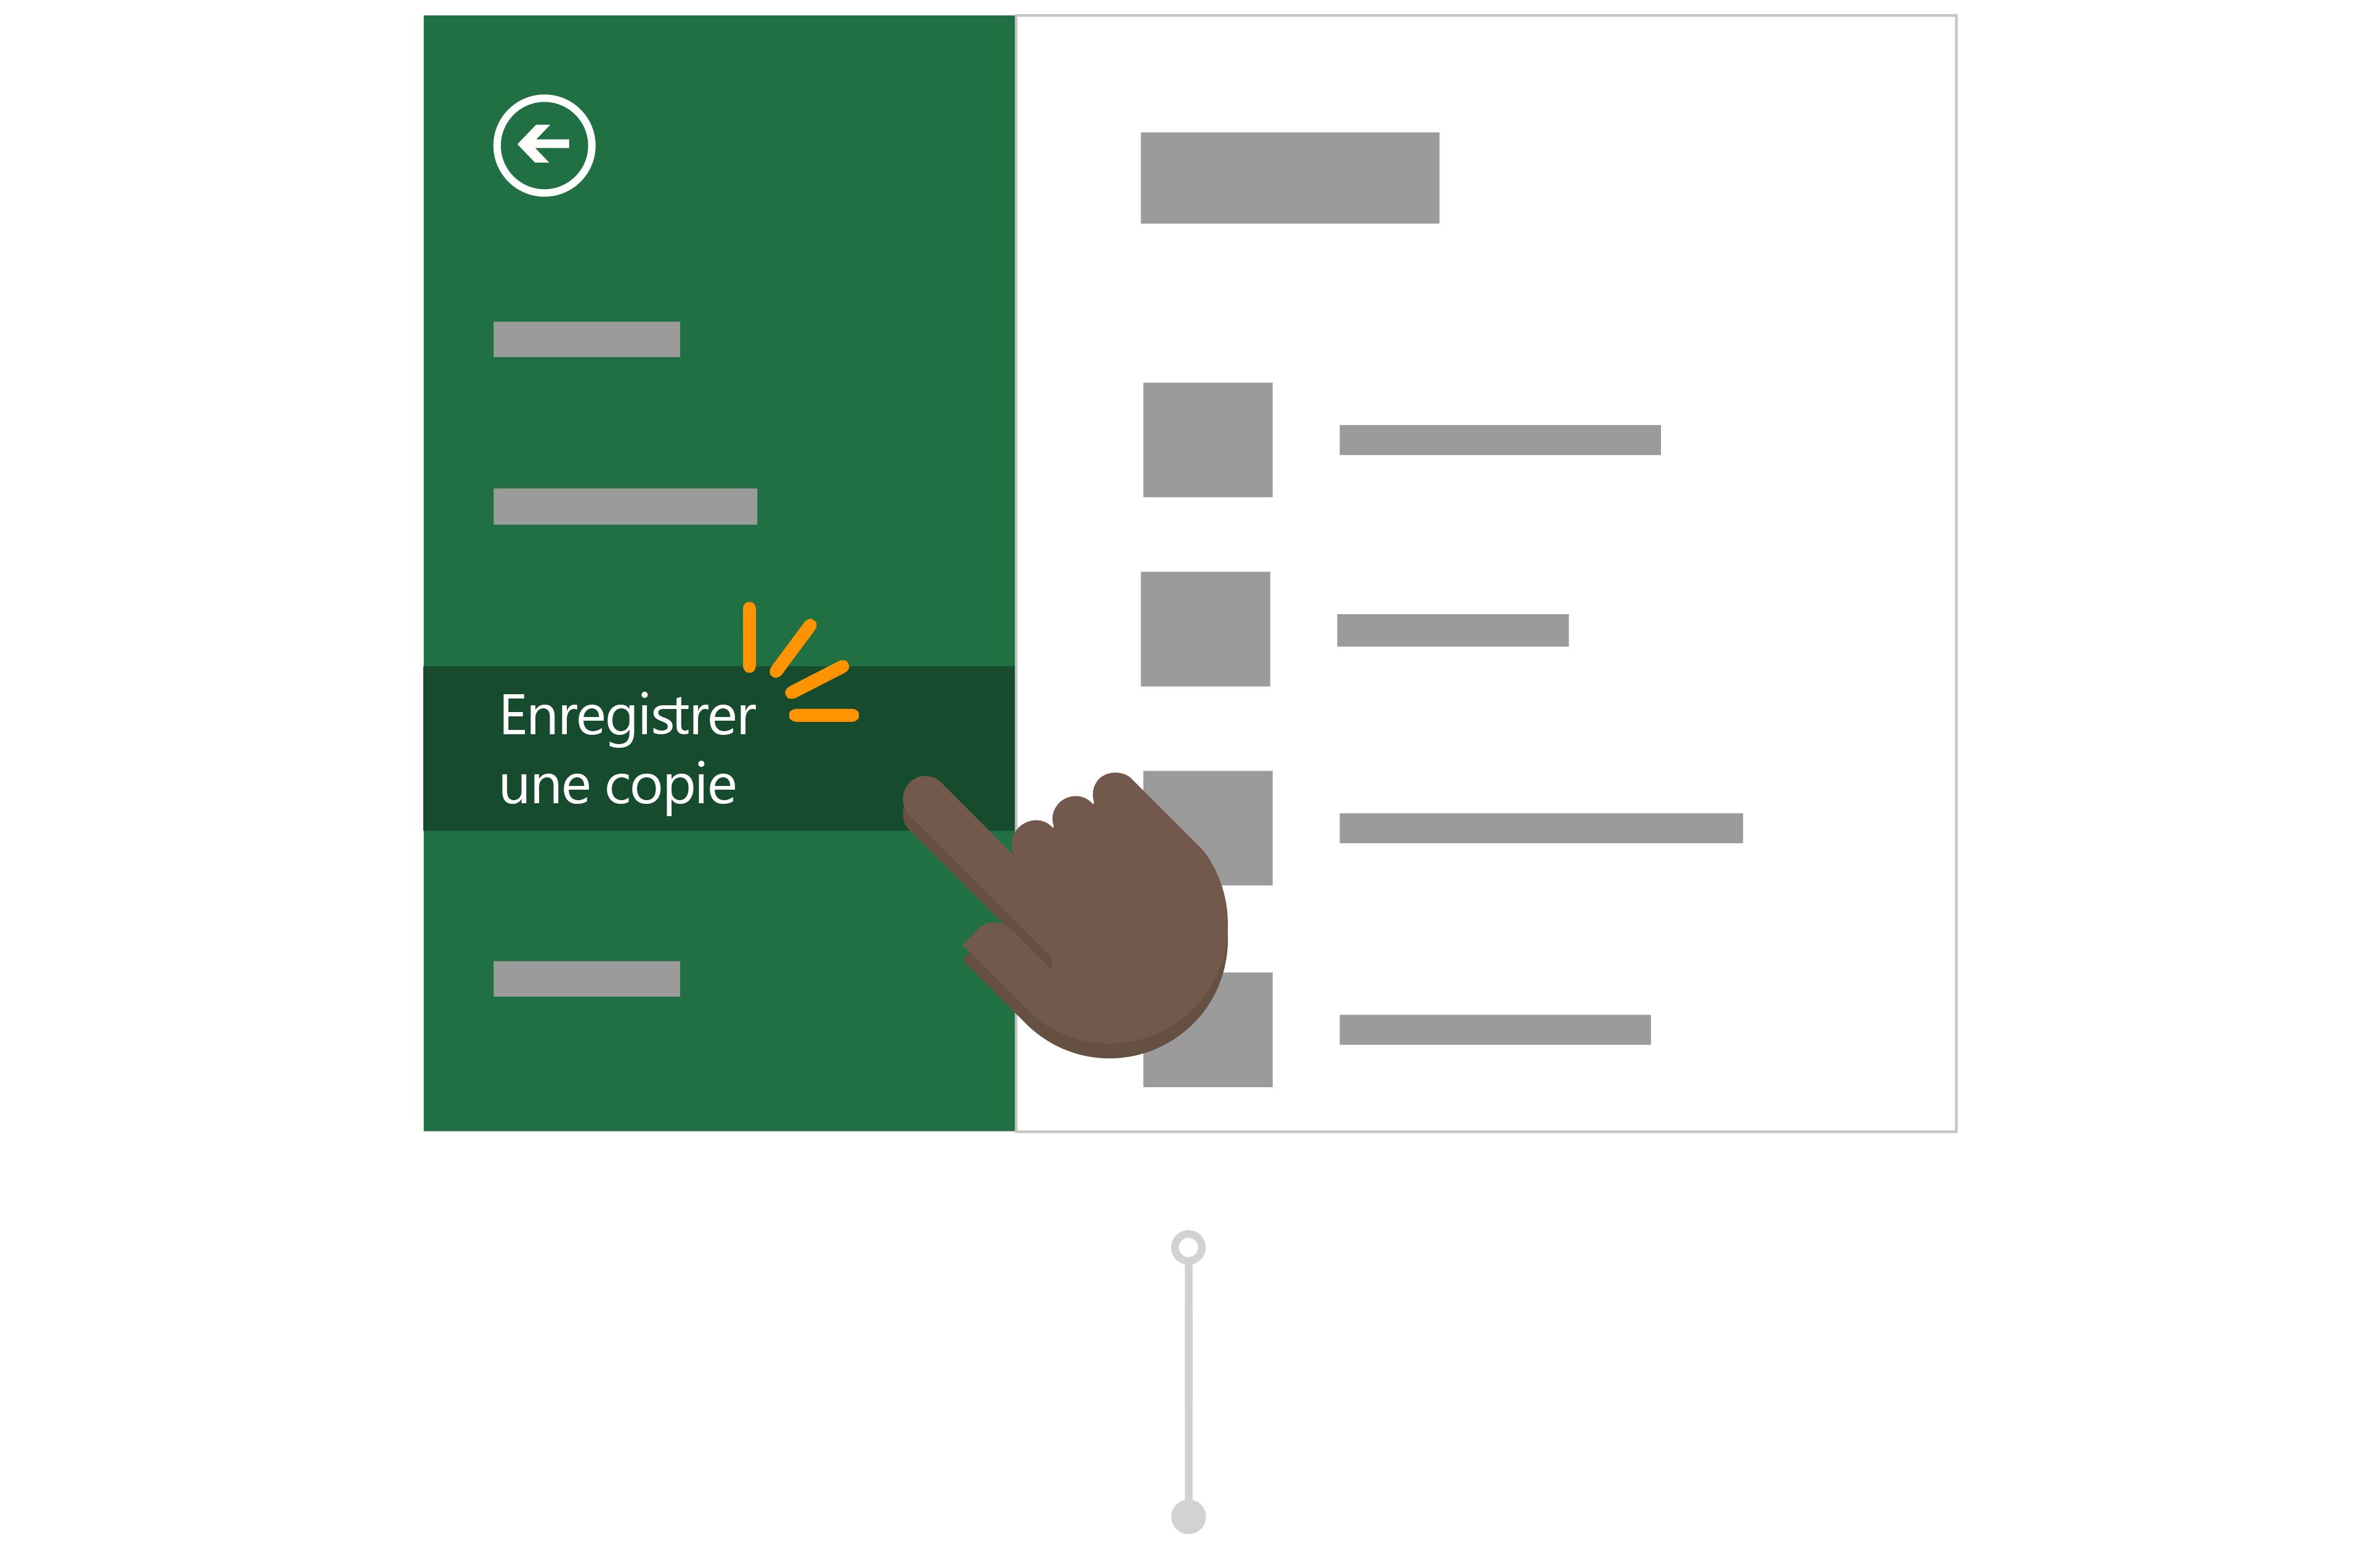 Pour ajouter utilise enregistrer une copie d'enregistrer son propre version du rapport dans son OneDrive.